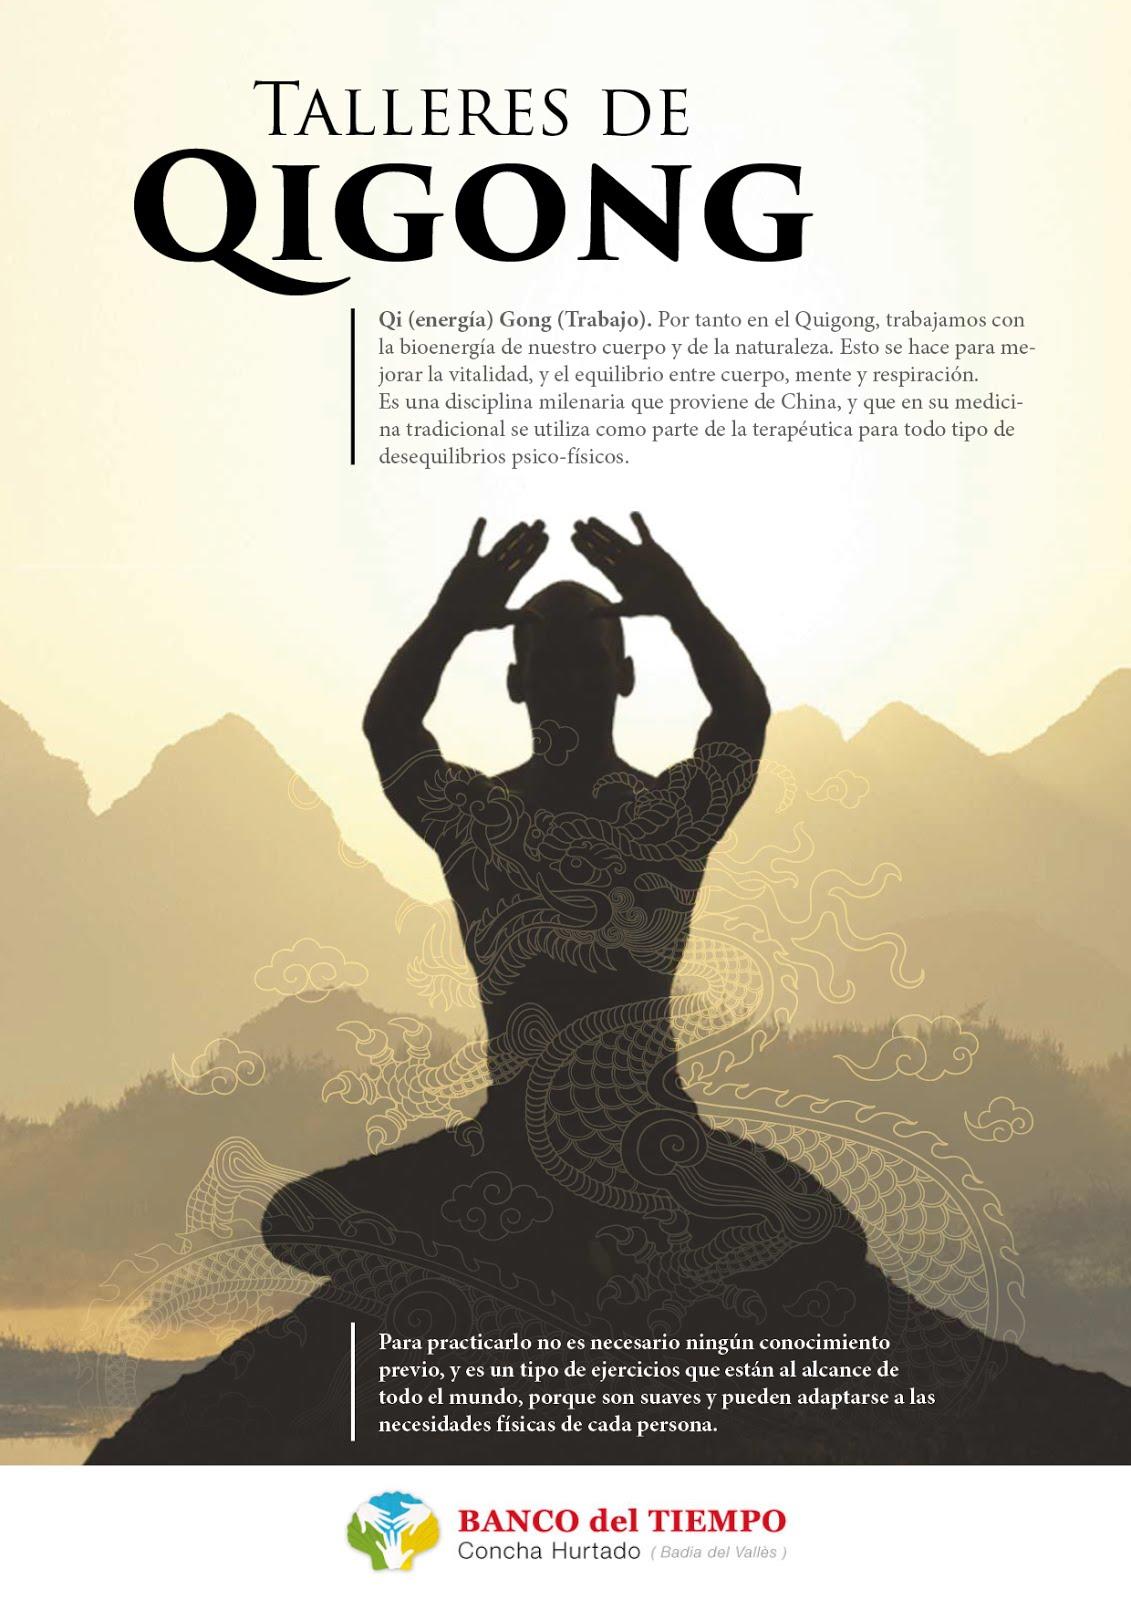 Taller de Qigong